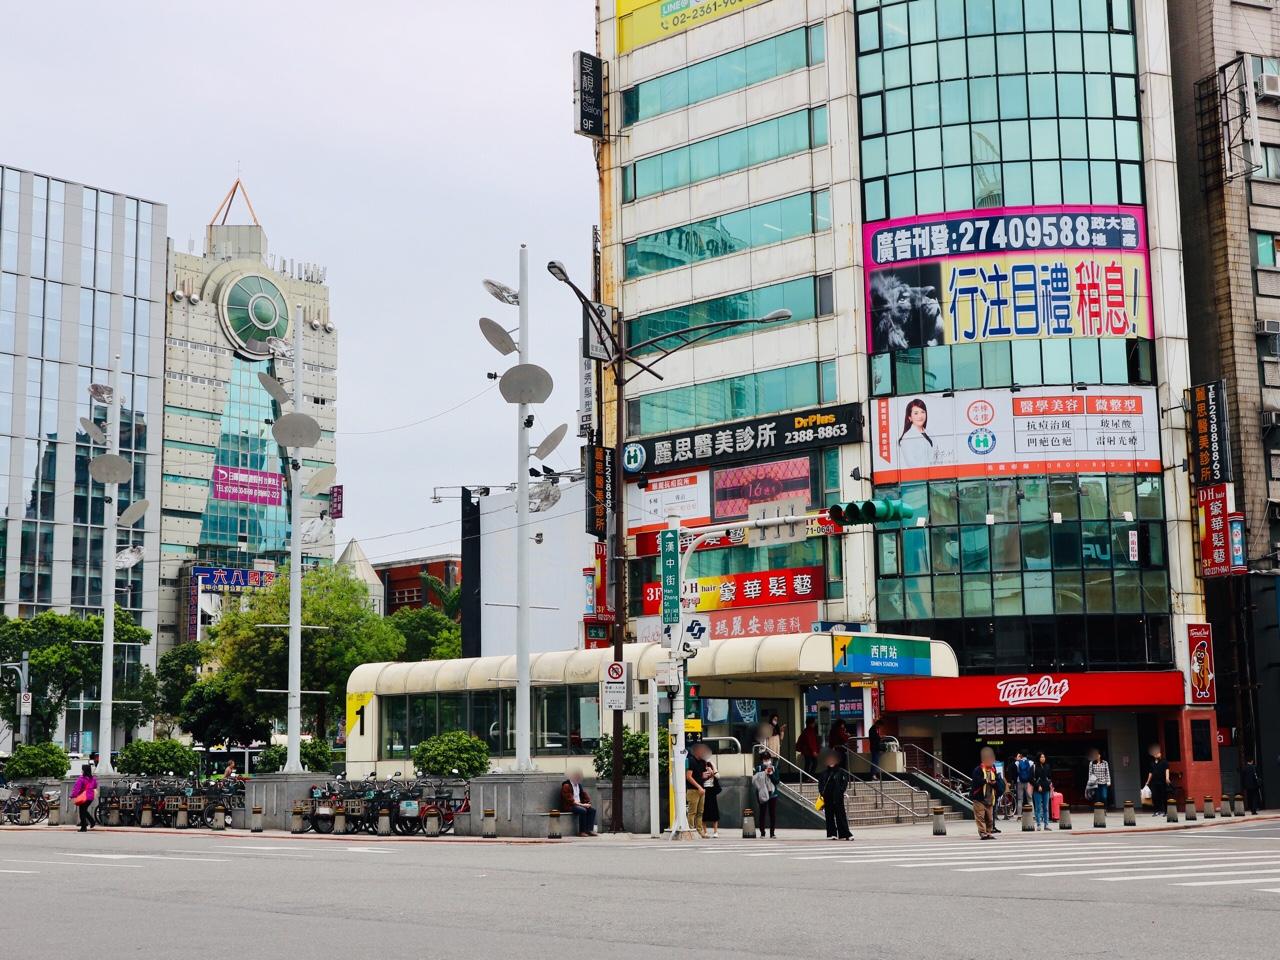 台北MRT西門駅前の様子